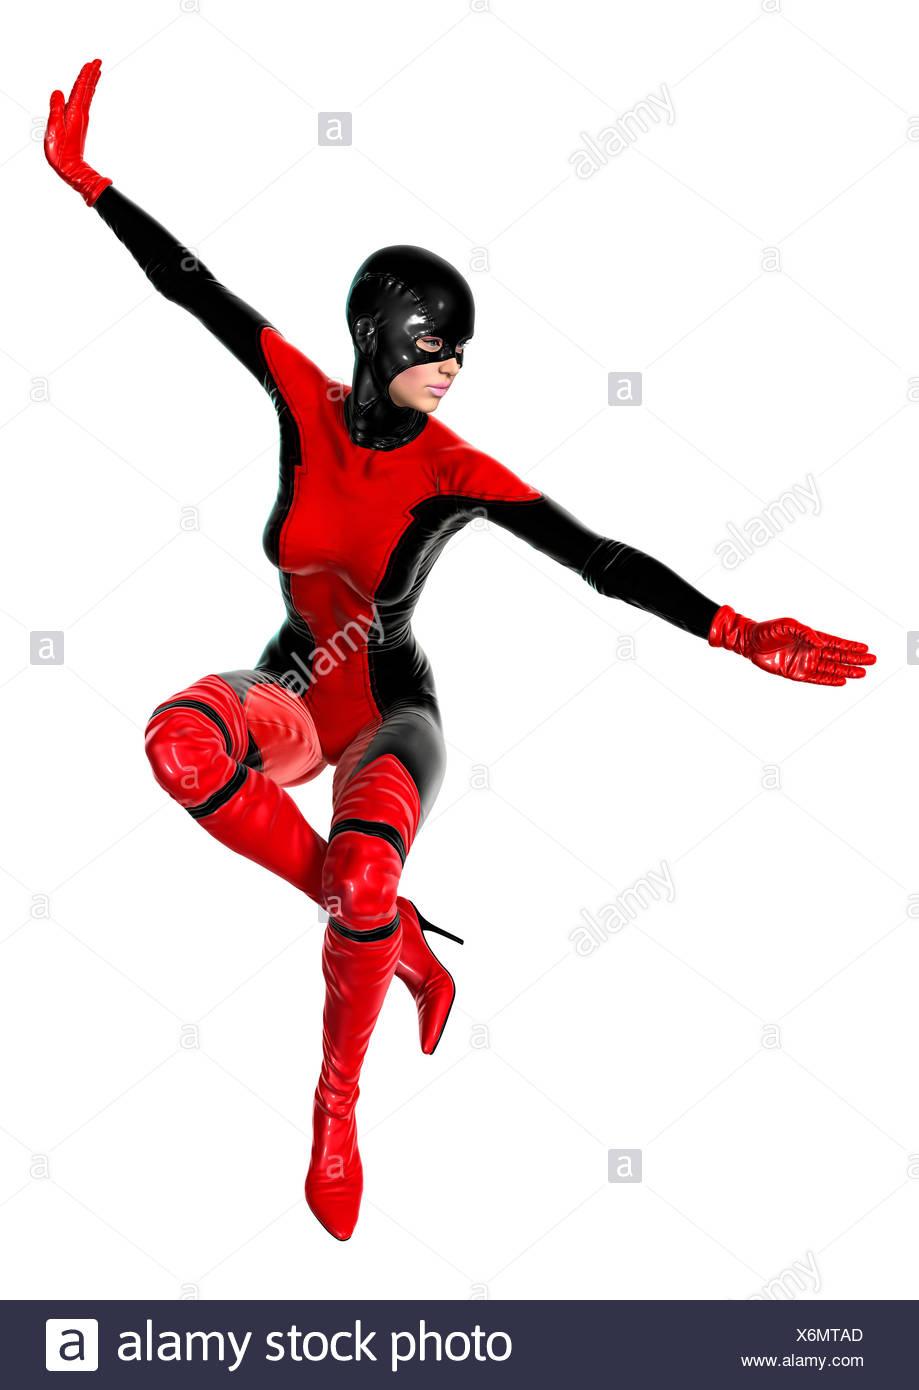 919x1390 Superhero Woman Stock Photos Amp Superhero Woman Stock Images